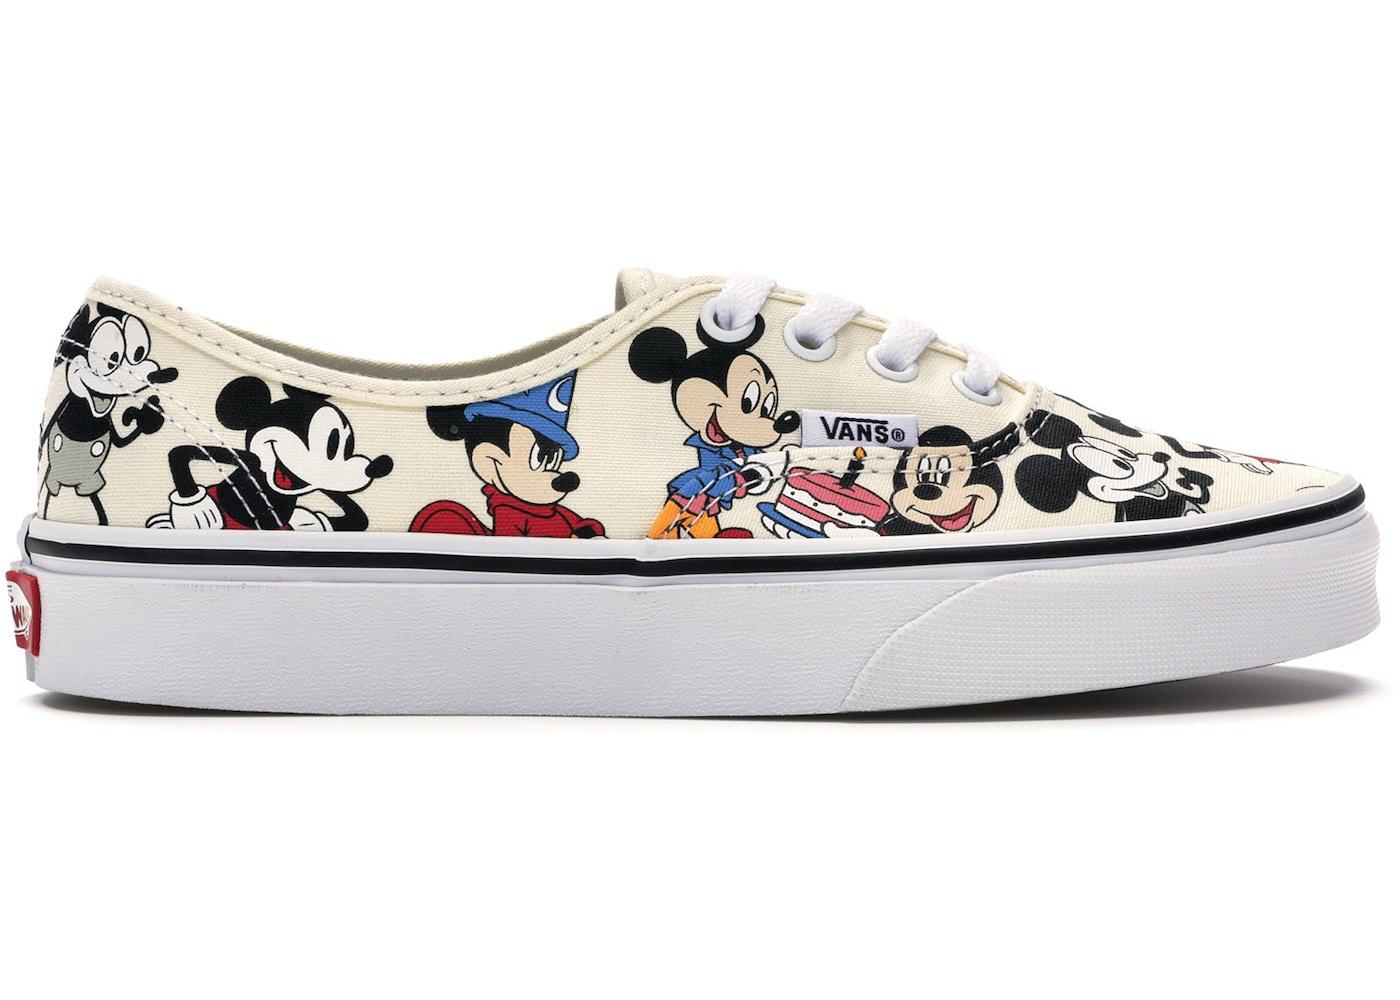 fd59b471af Vans Footwear - Buy Deadstock Sneakers